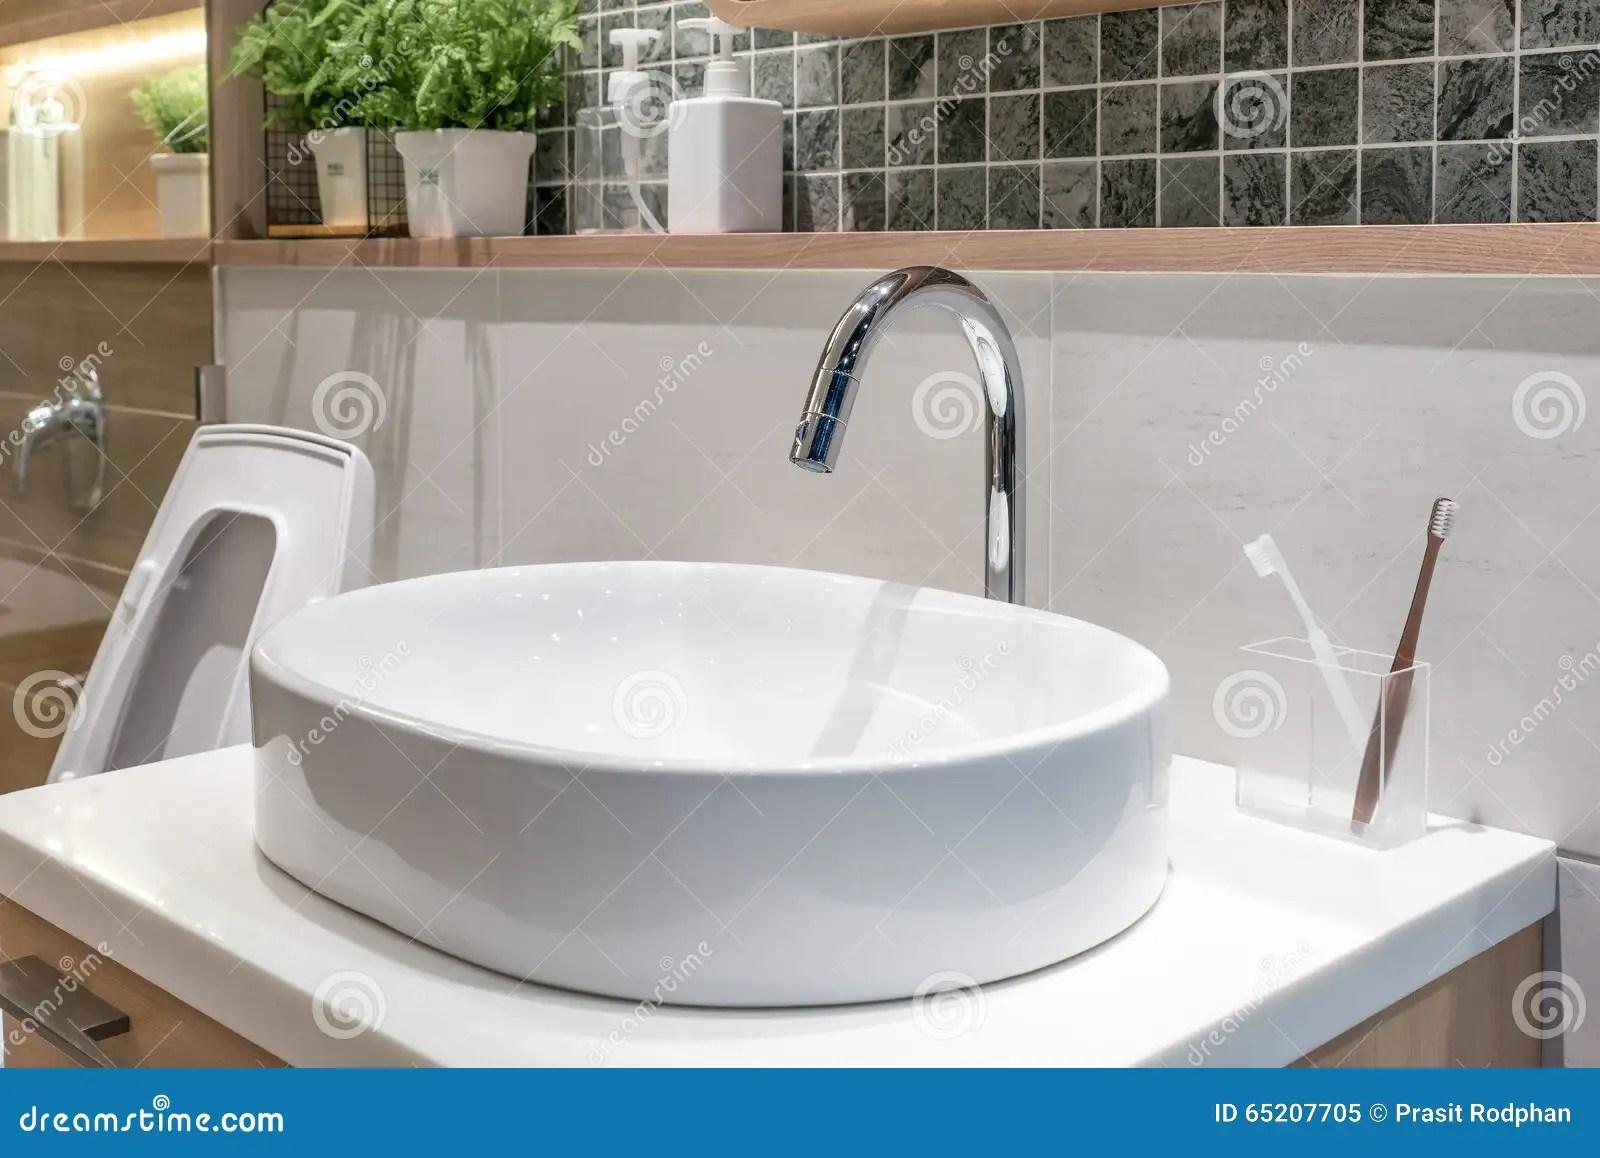 Badezimmer Waschbecken Deko Bad Waschtisch Holz Bild Von Stunning